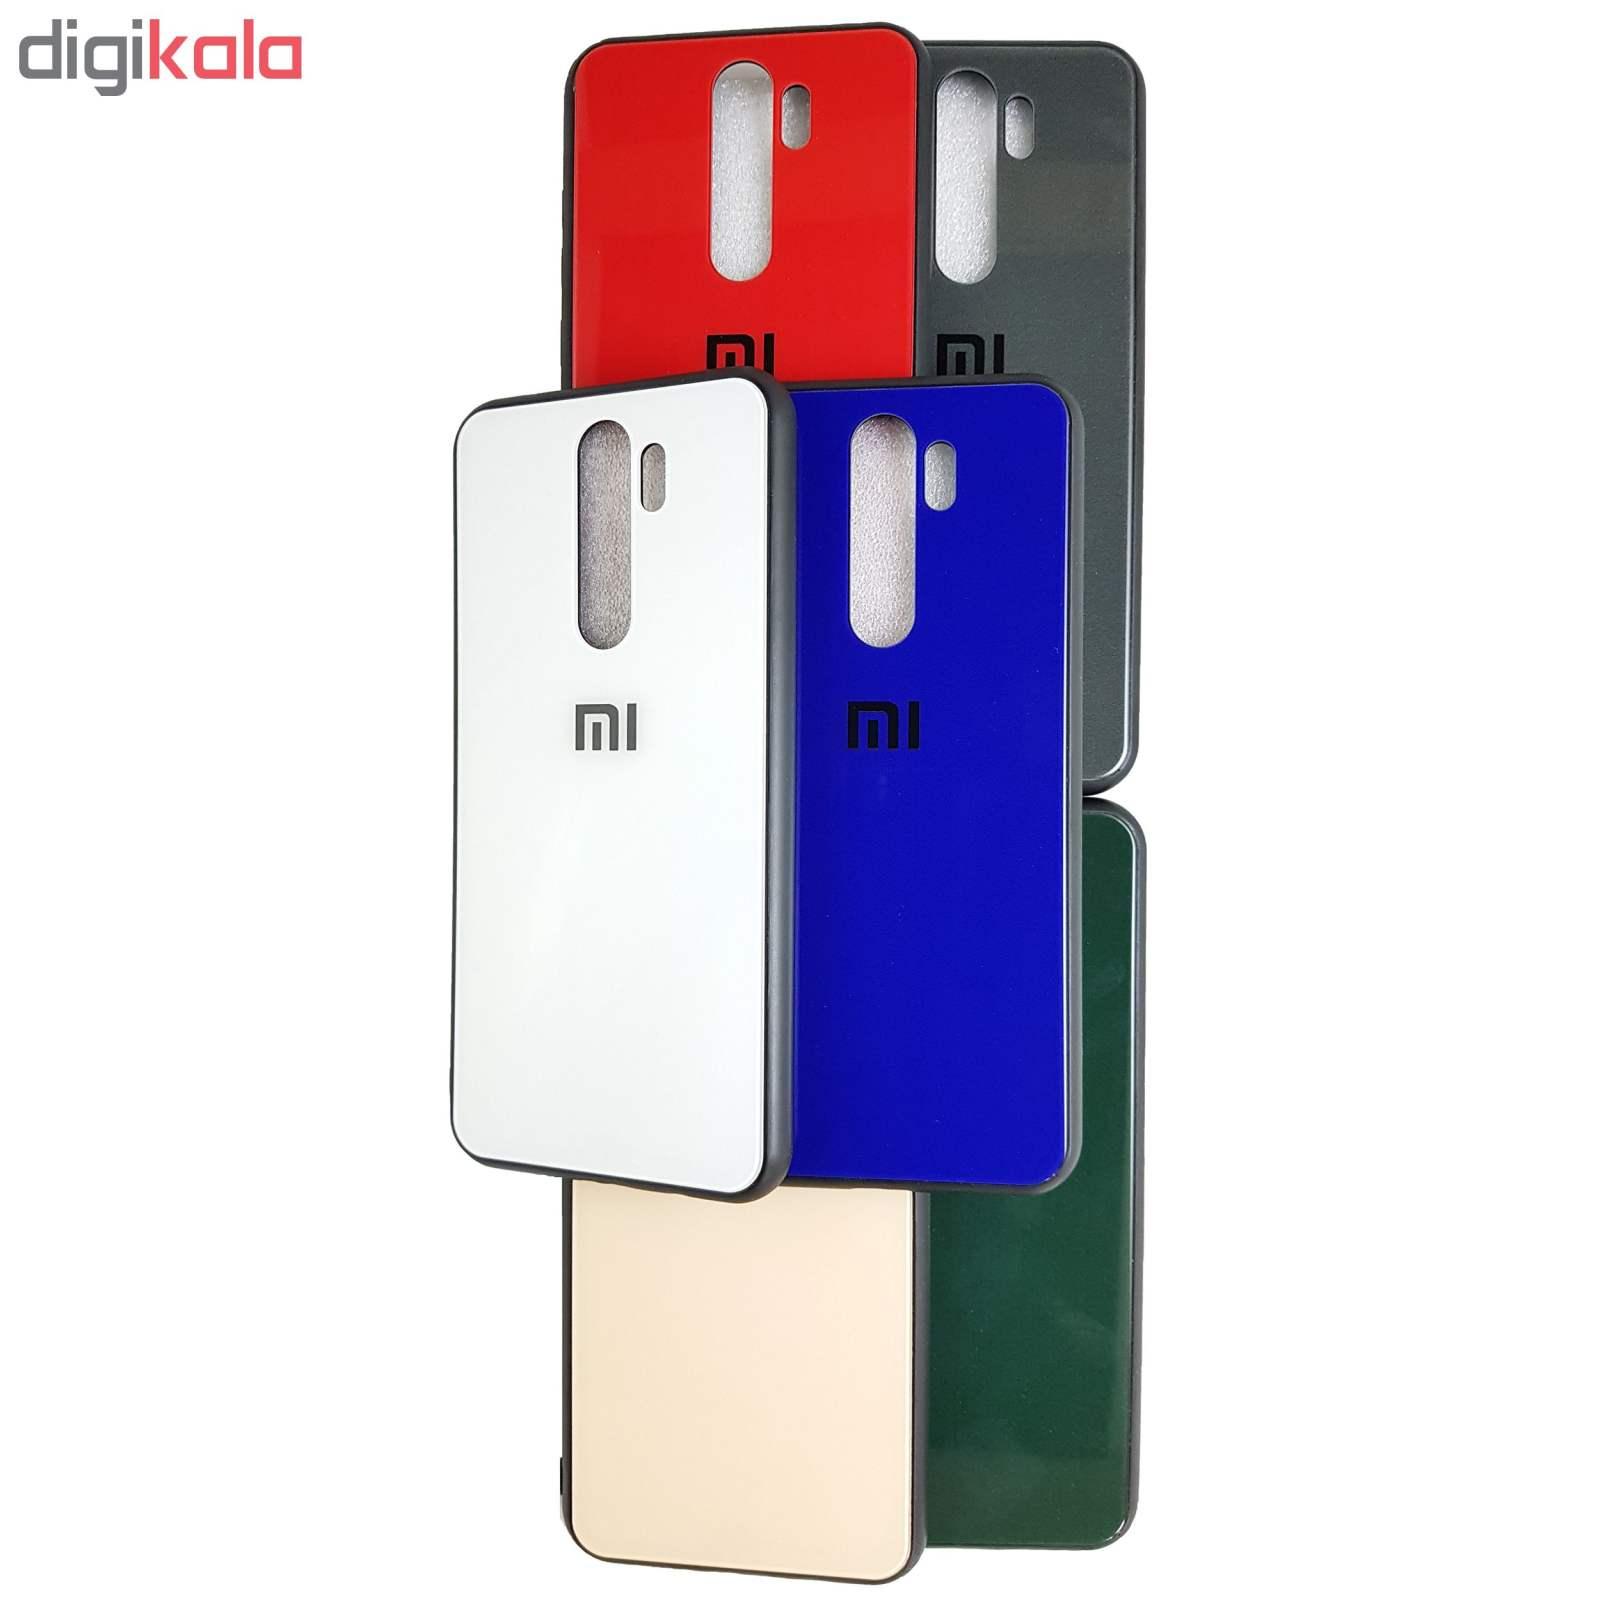 کاور مدل UniQue مناسب برای گوشی موبایل شیائومی Redmi Note 8 pro main 1 1